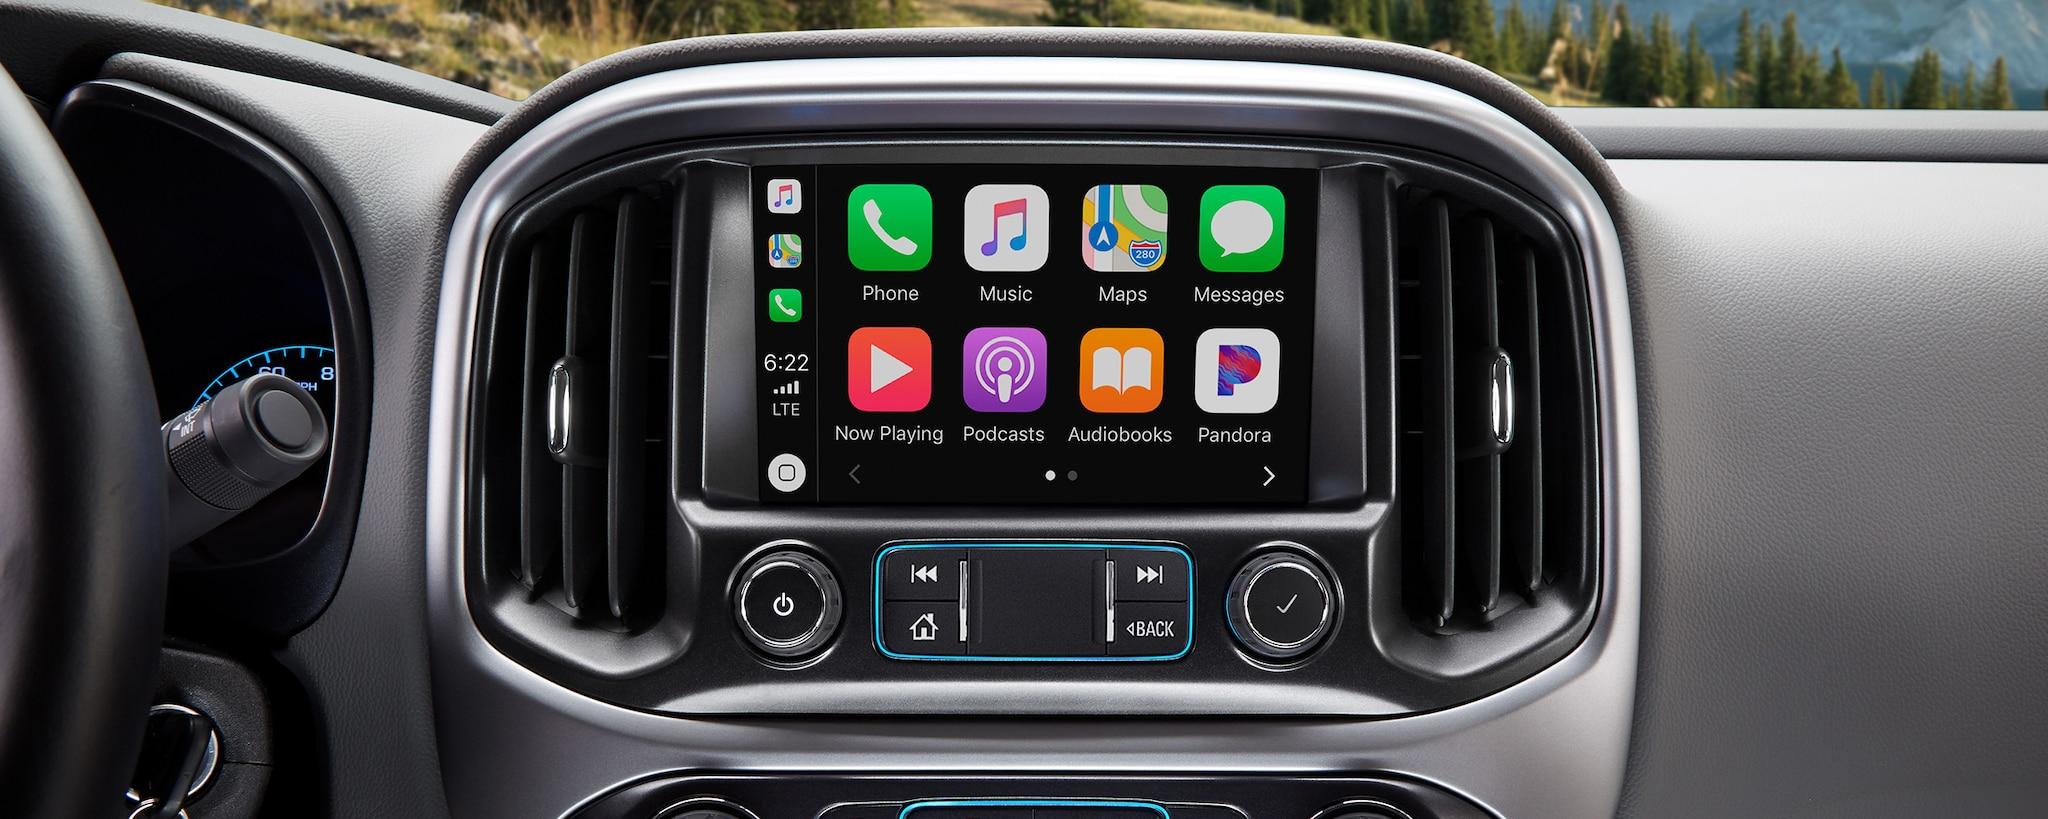 2020 Chevrolet Colorado Technology